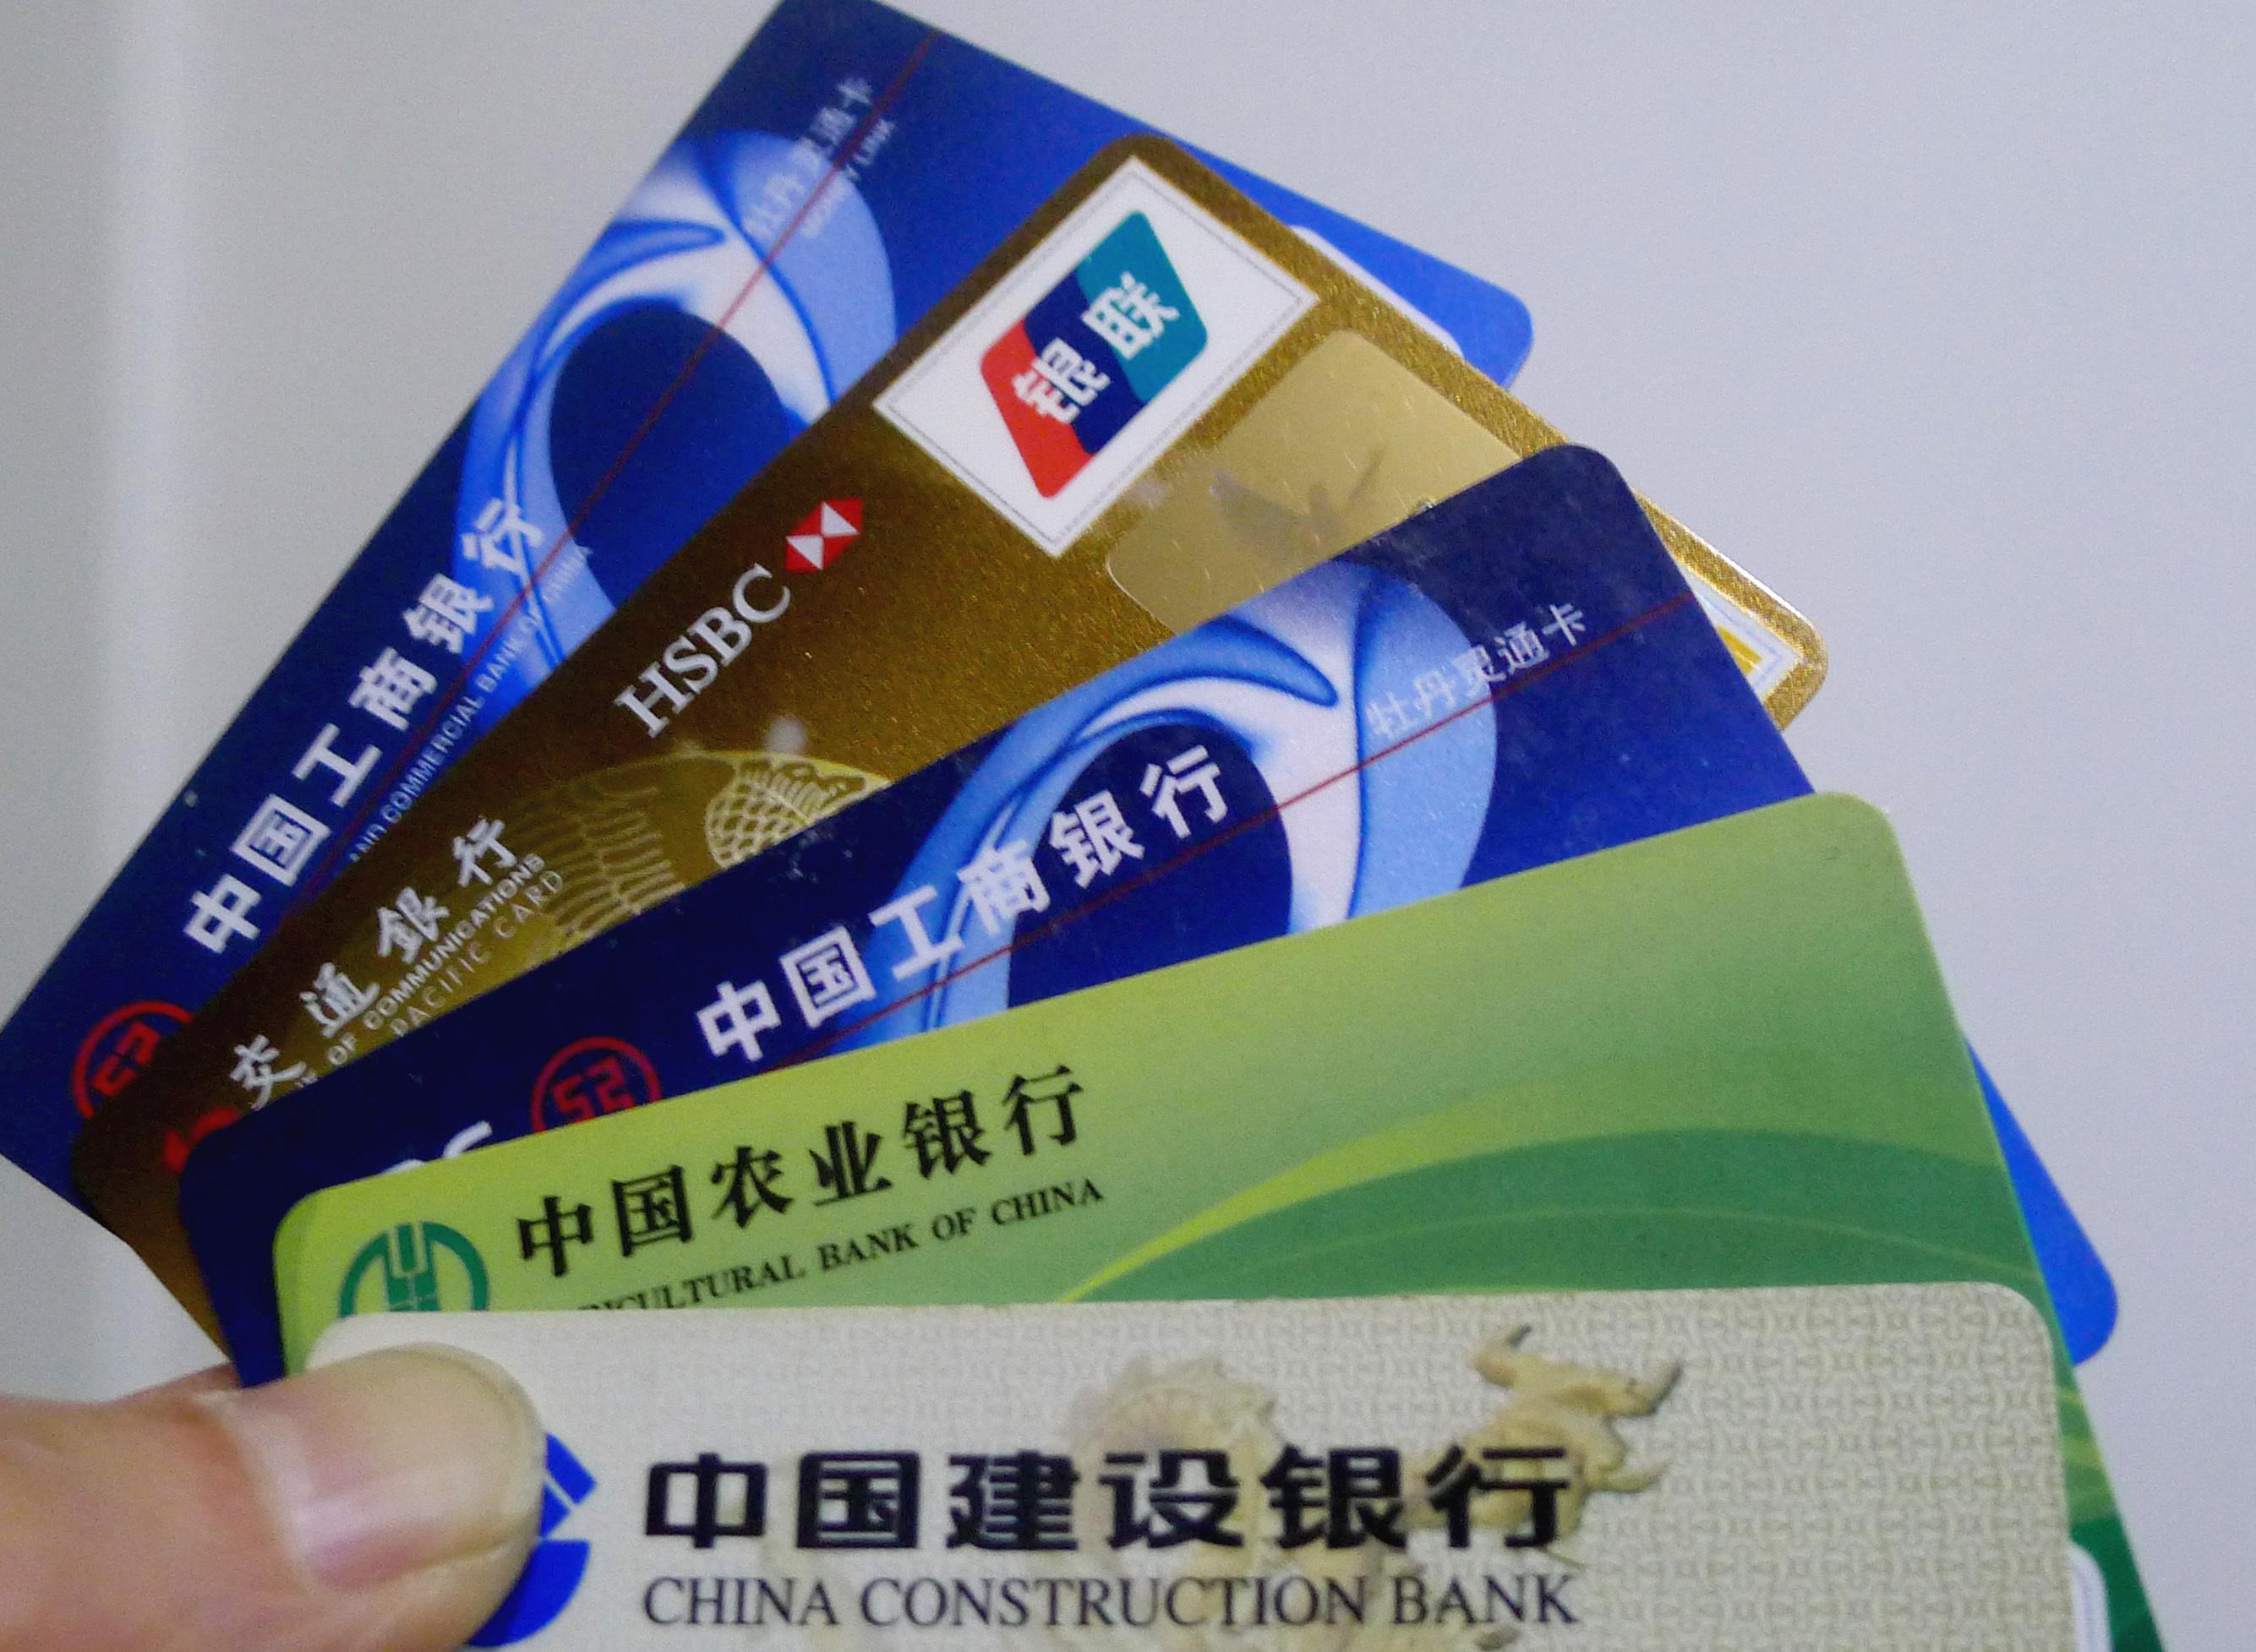 支付宝借呗和微信微粒贷会将征信玩坏吗?信用卡都会被拒?